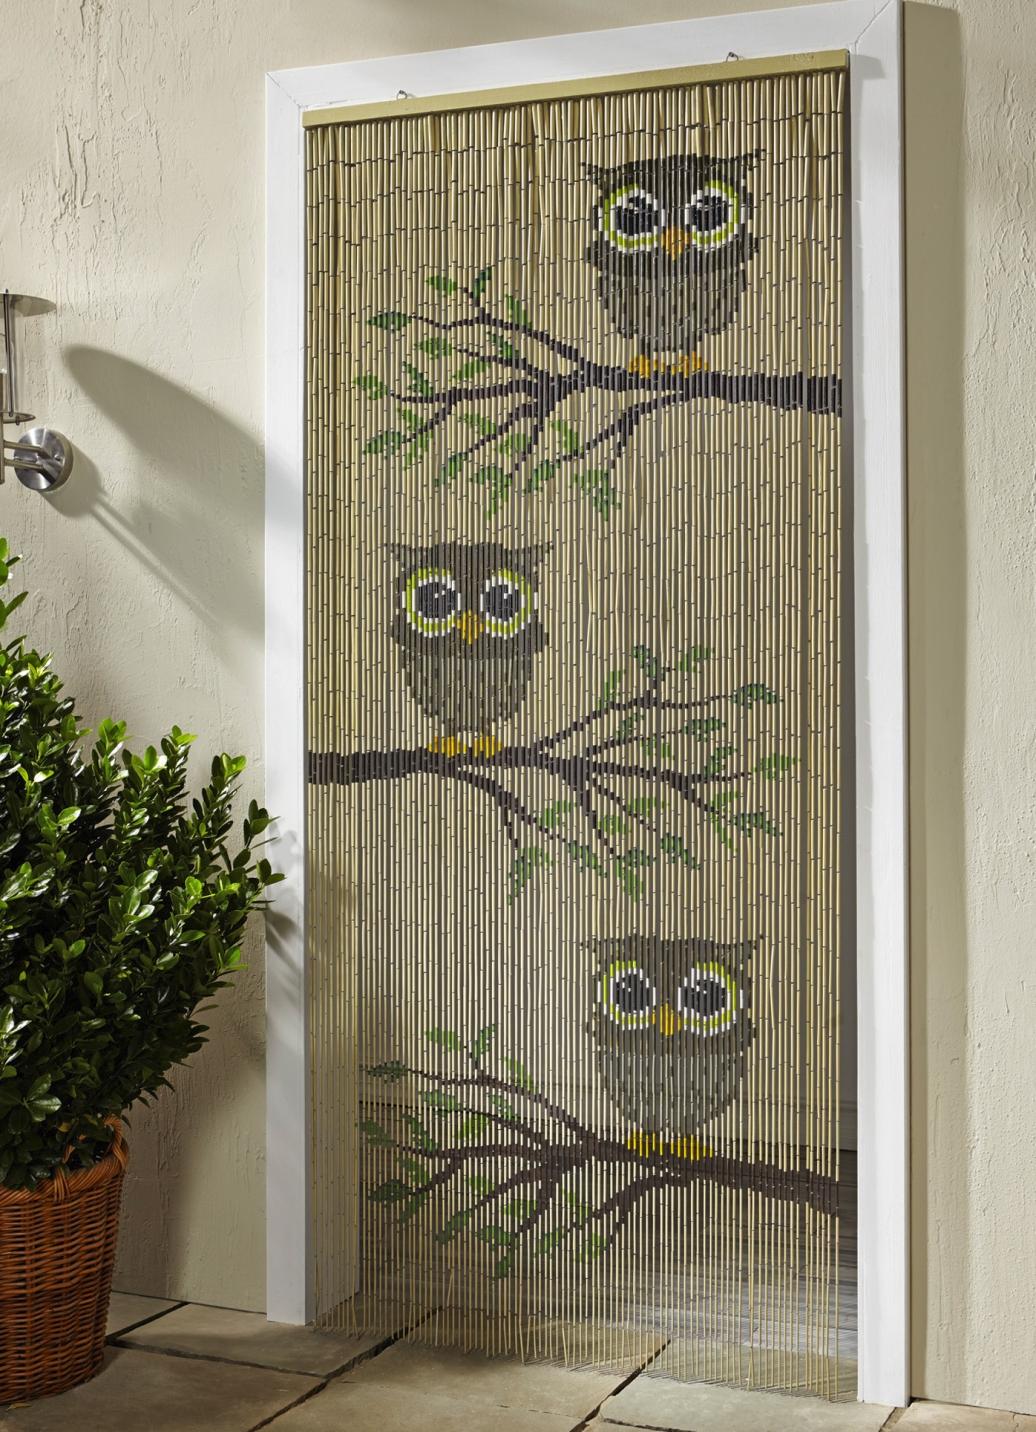 bambus vorhang eulen sichtschutz und sonnenschutz. Black Bedroom Furniture Sets. Home Design Ideas